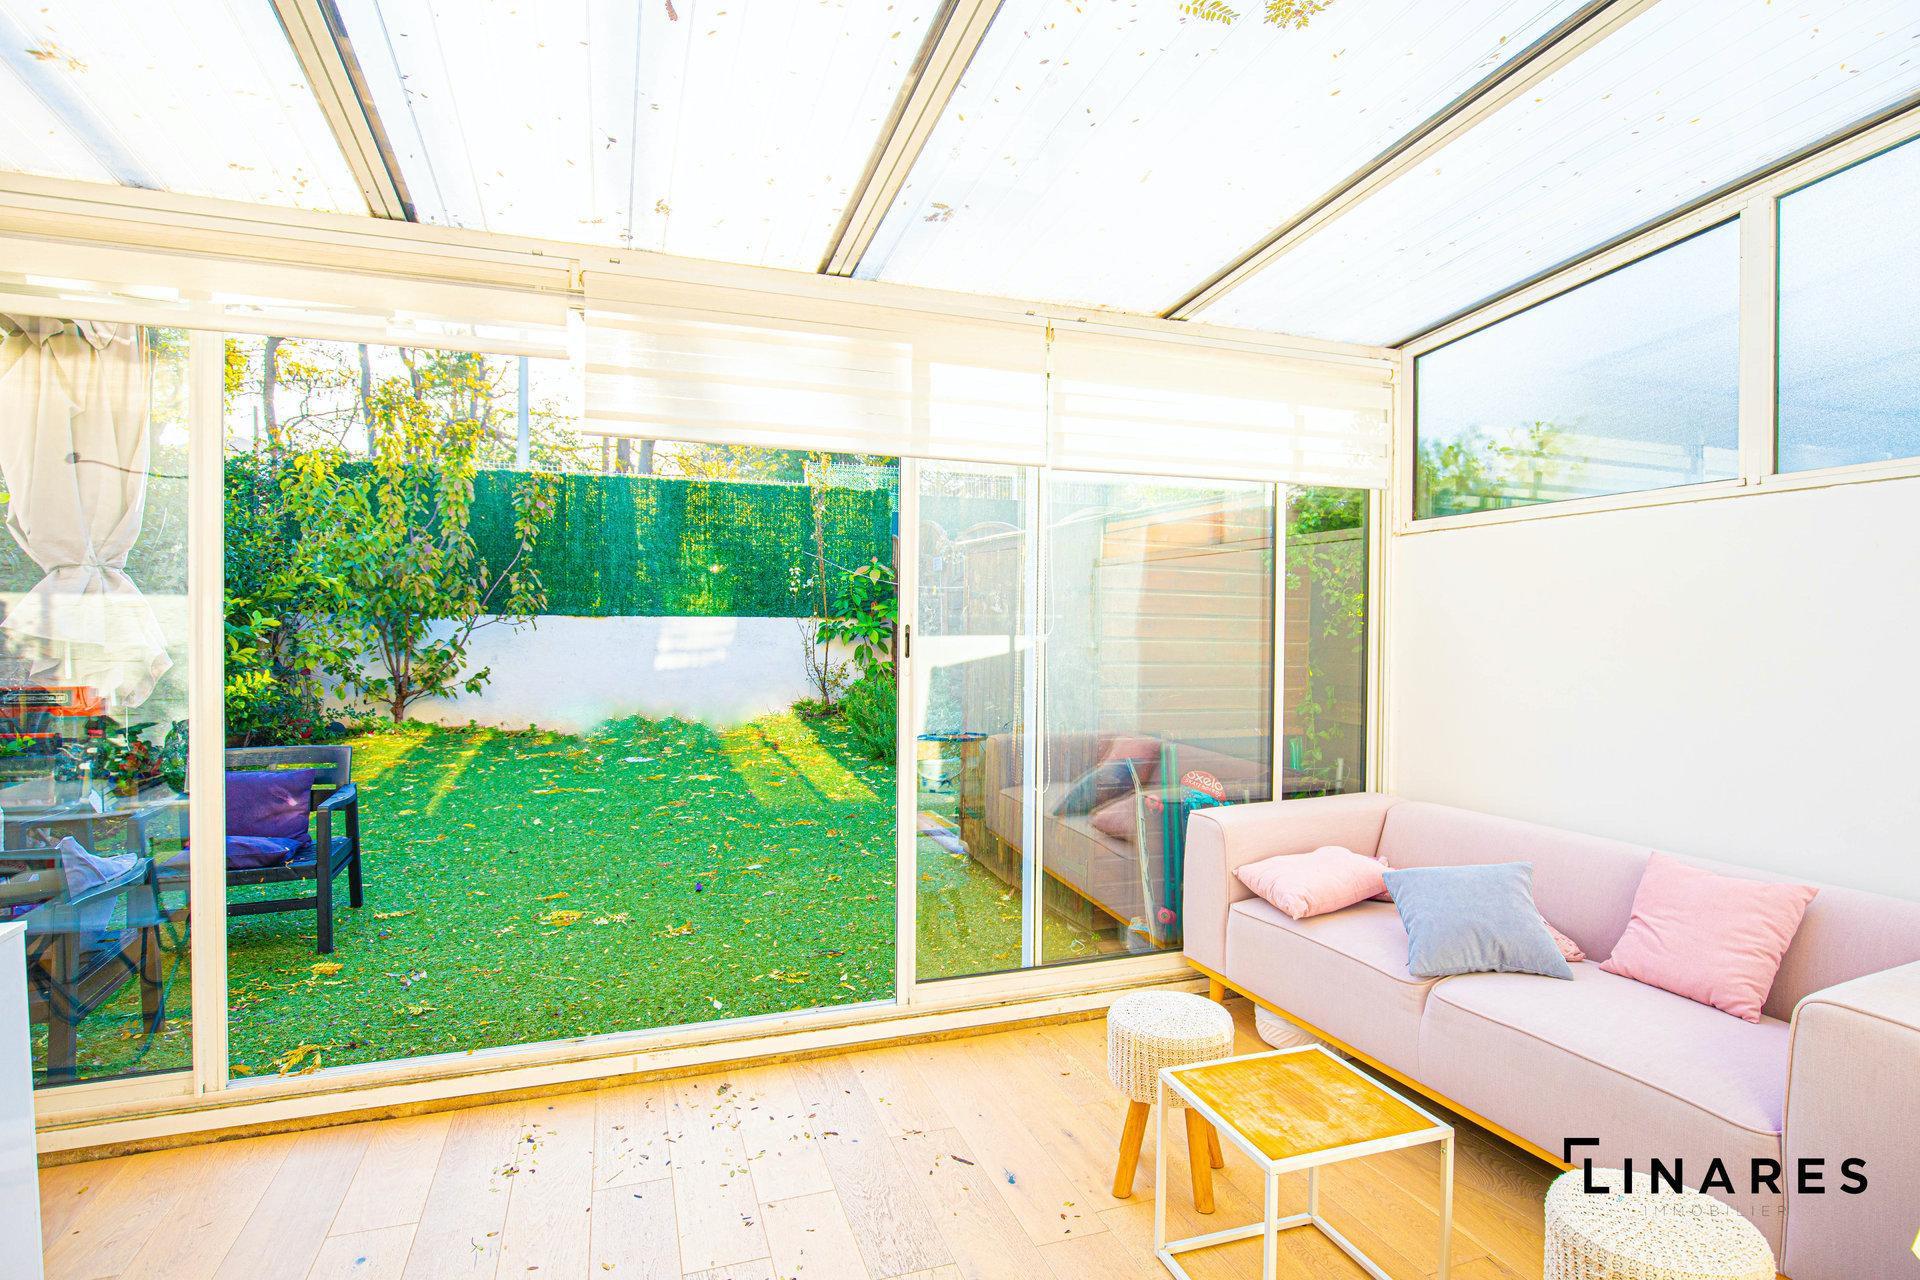 LA MIGNONNETTE Maison de ville T4 de 70m2 + véranda 15m2 + Jardin 47m2